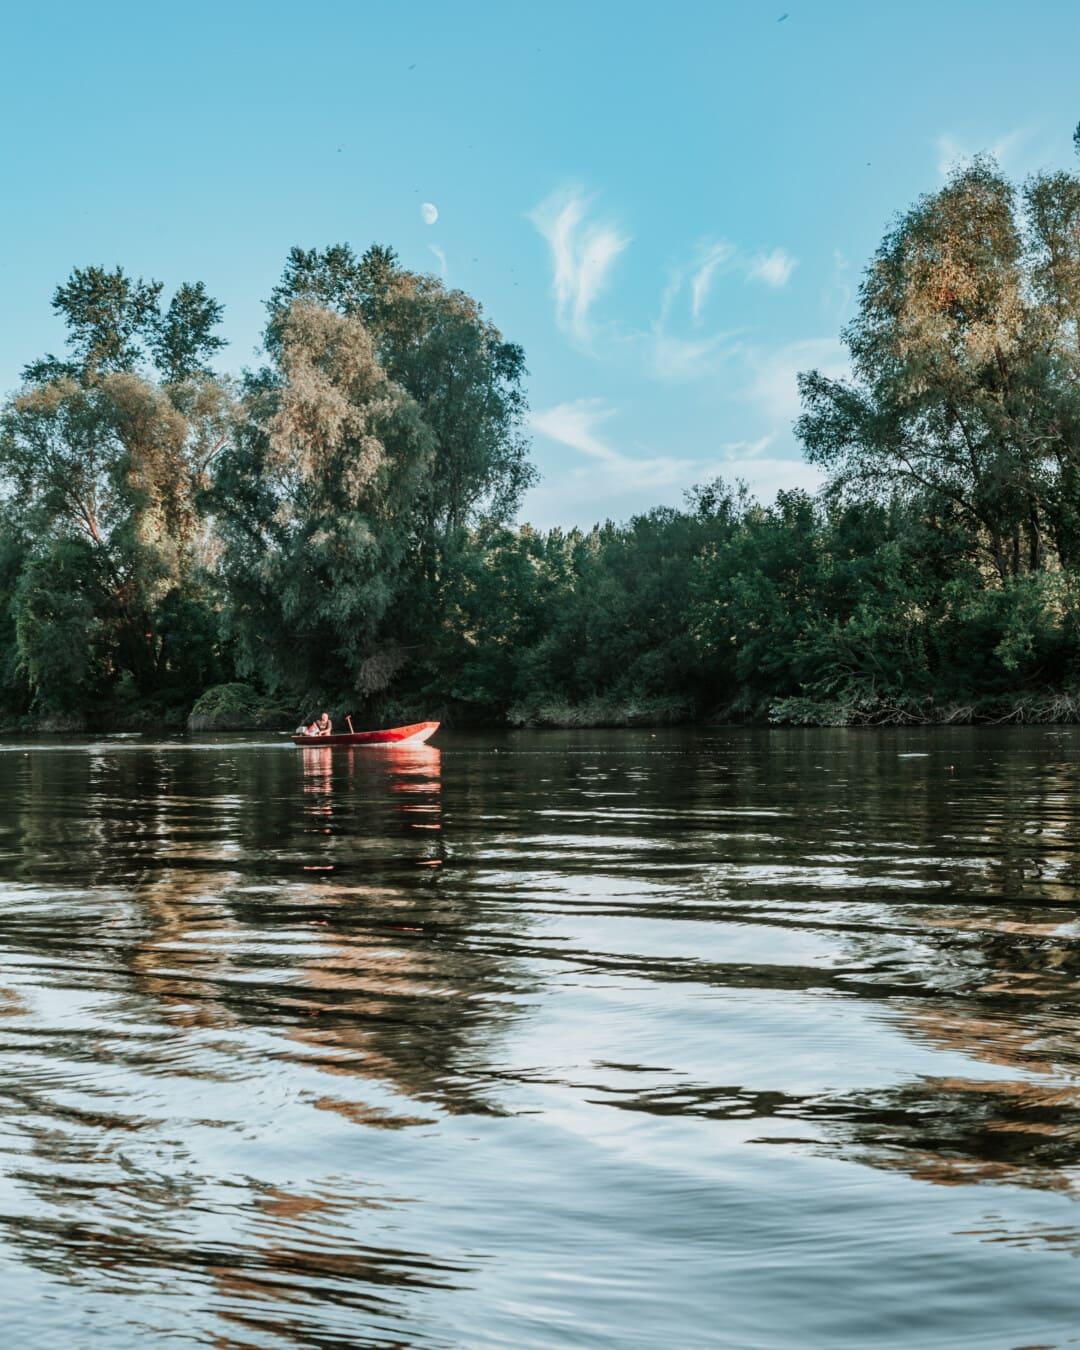 Landschaft, Ufer, Struktur, am See, Wasser, Reflexion, Fluss, Natur, im freien, Holz